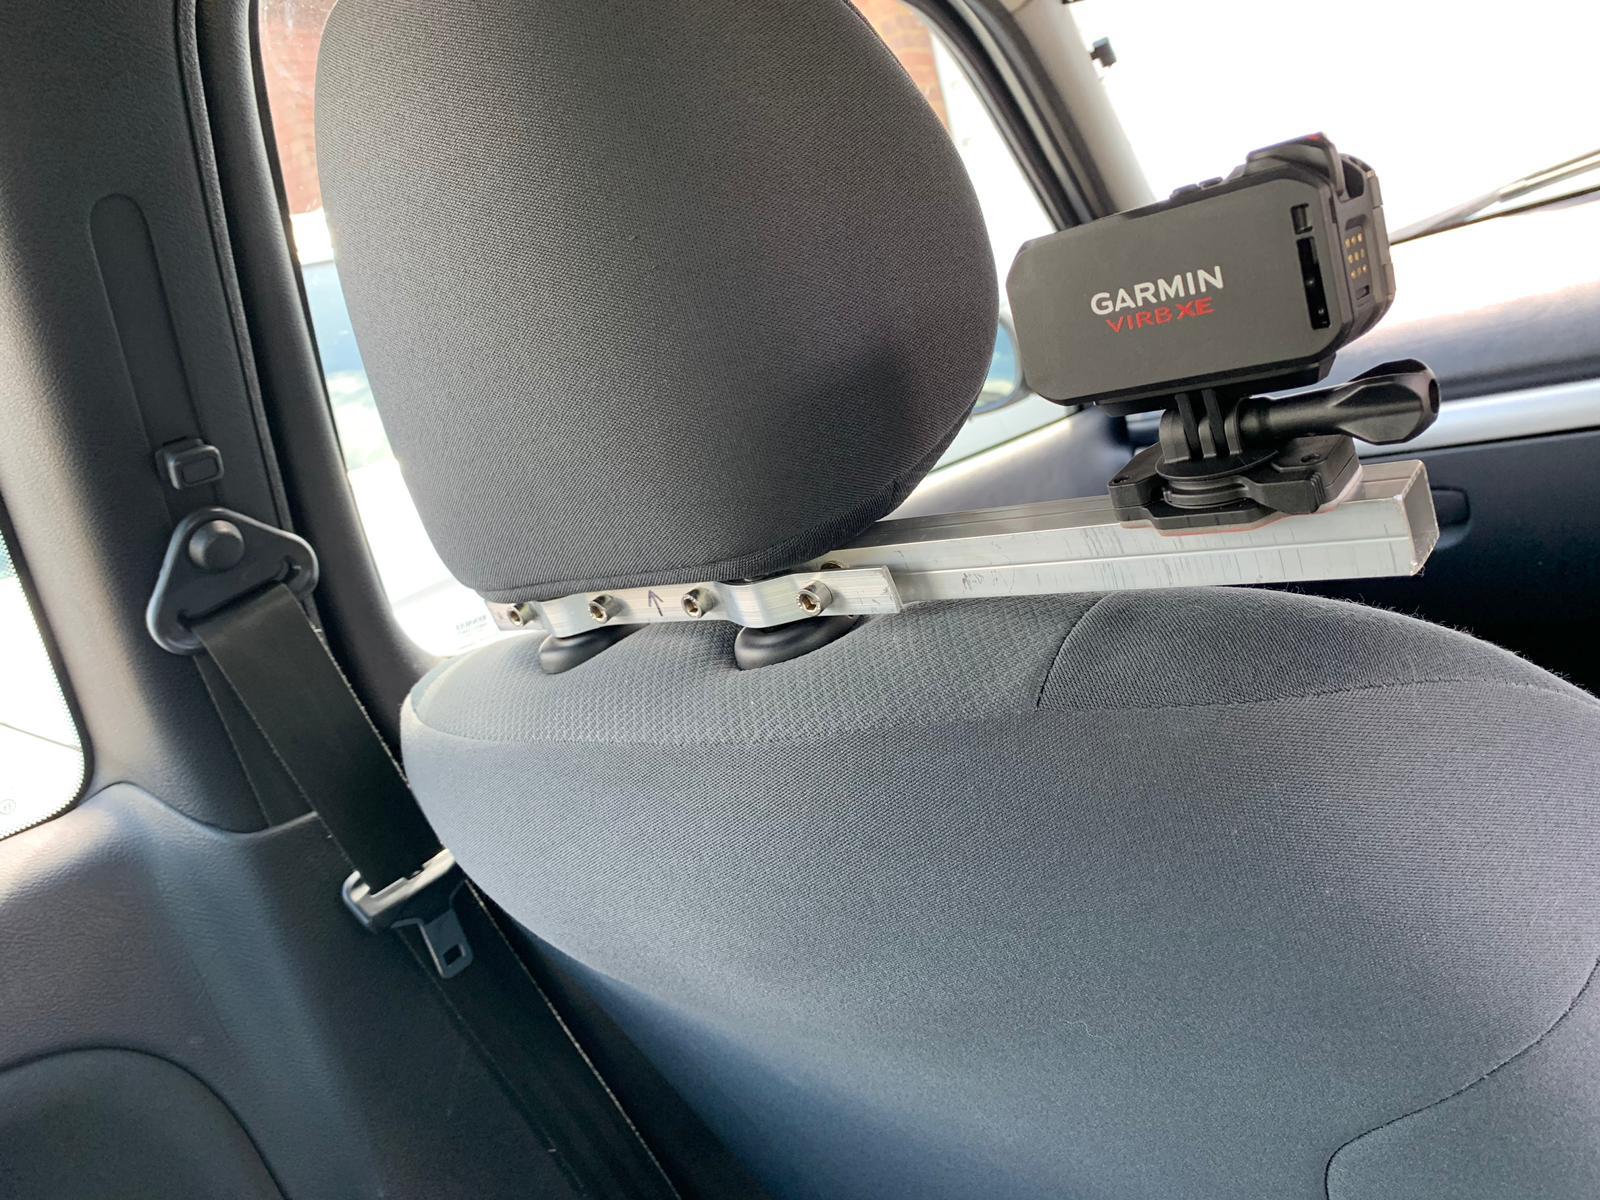 camera mount 2.jpg